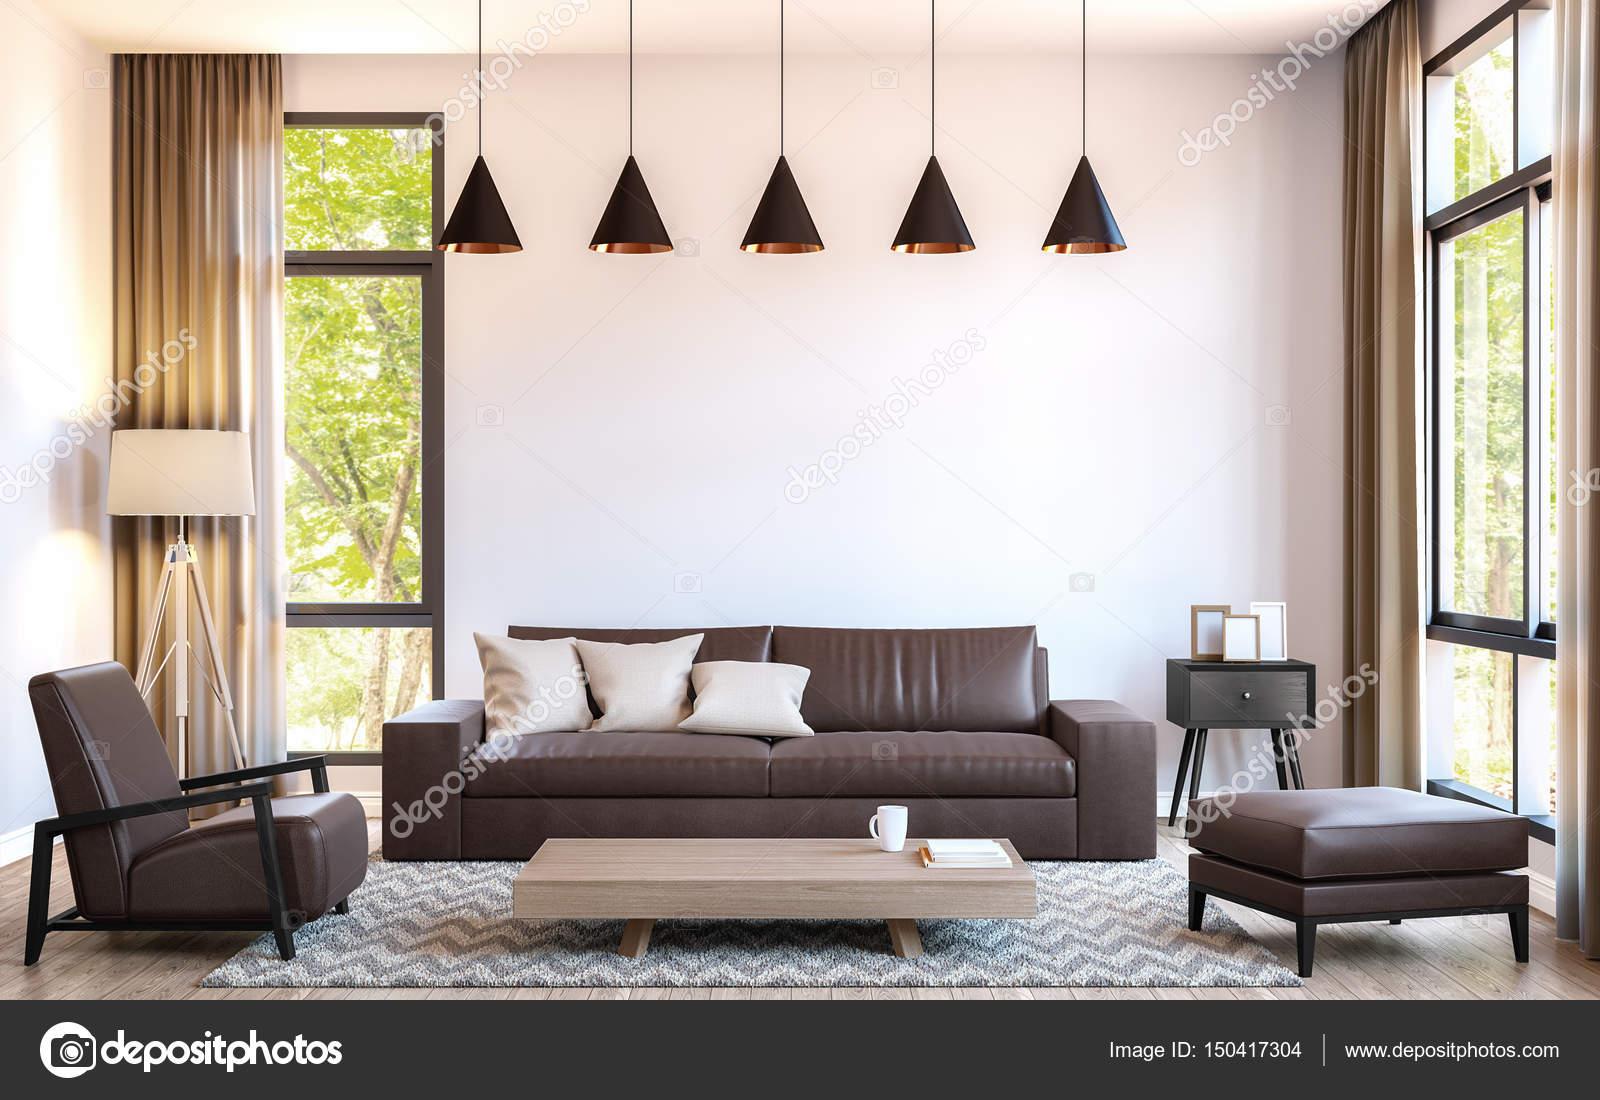 Moderno Sal N Decorar Con Renderizado 3d De Muebles De Cuero  # Muebles Puro Cuero